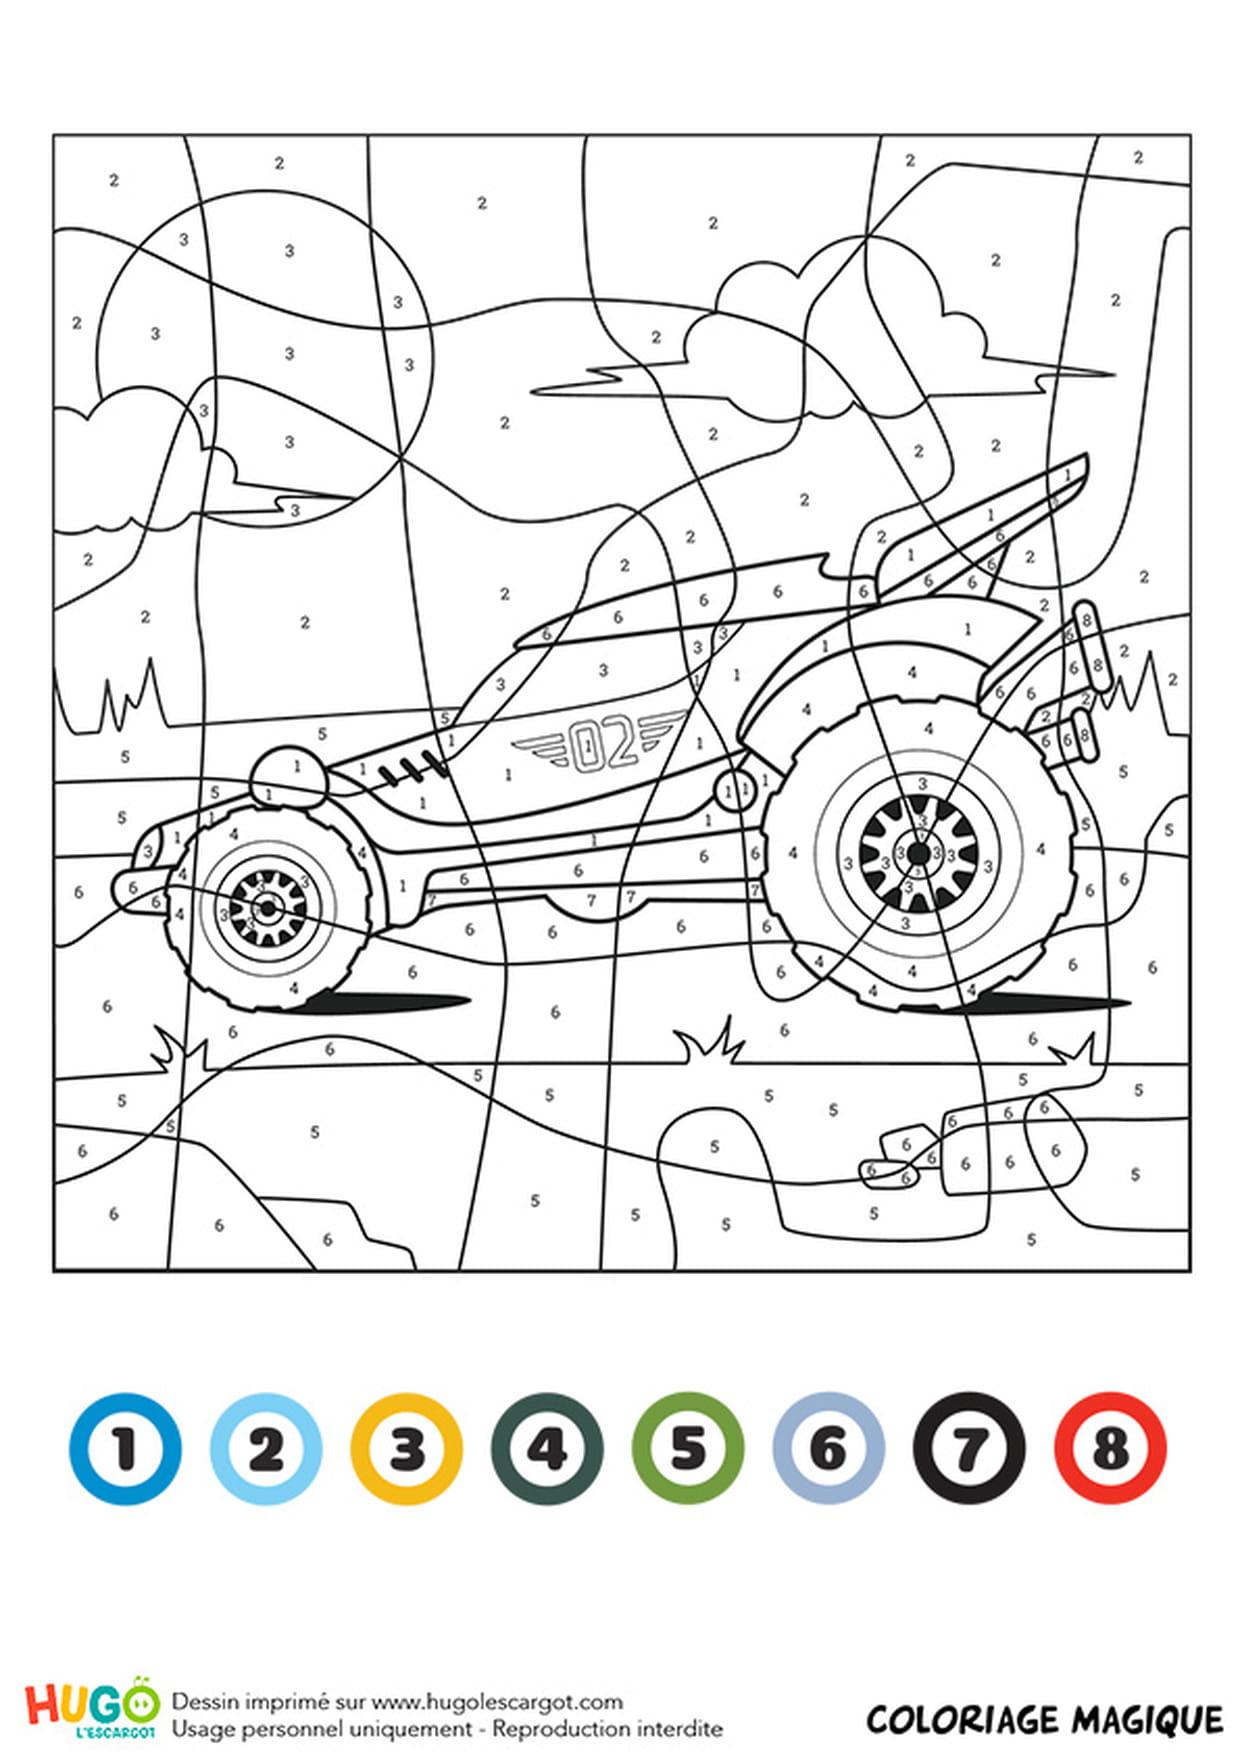 Coloriage Magique Ce1 : Un Buggy encequiconcerne Coloriage Vehicule